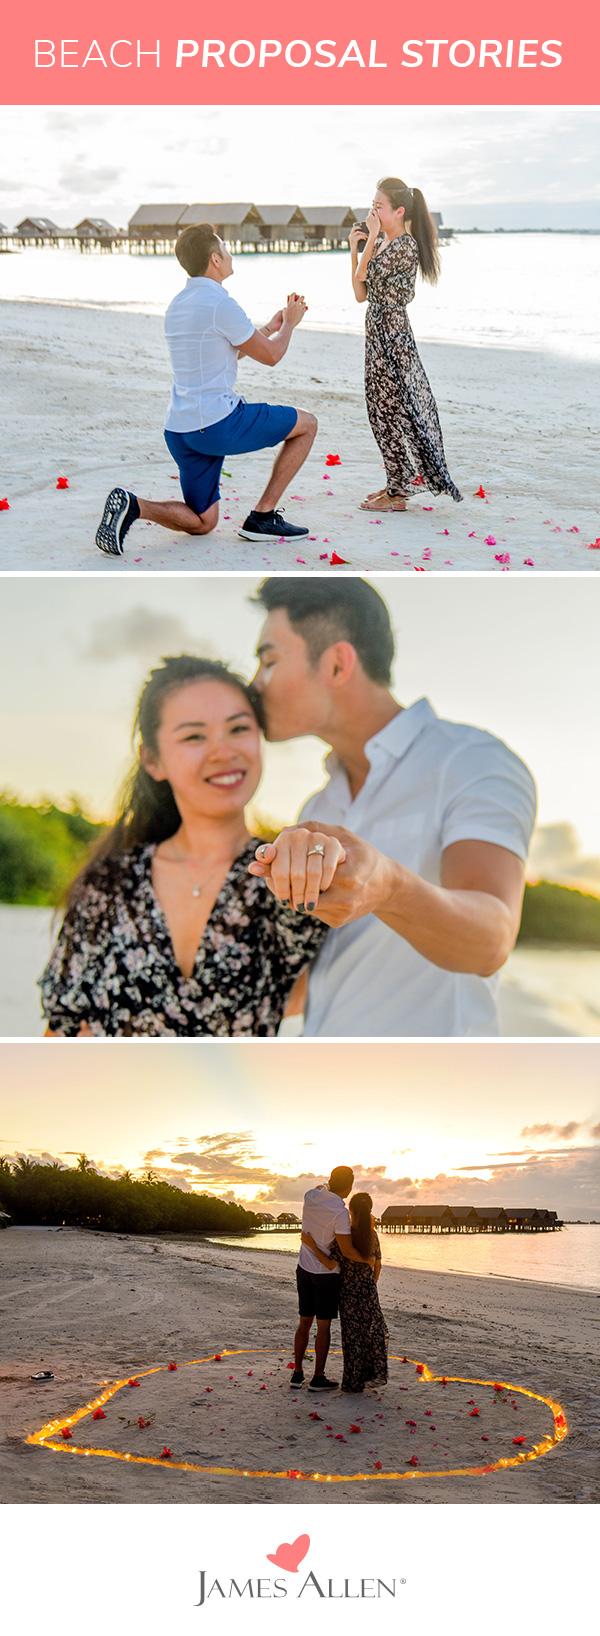 beach proposal stories pinterest pin